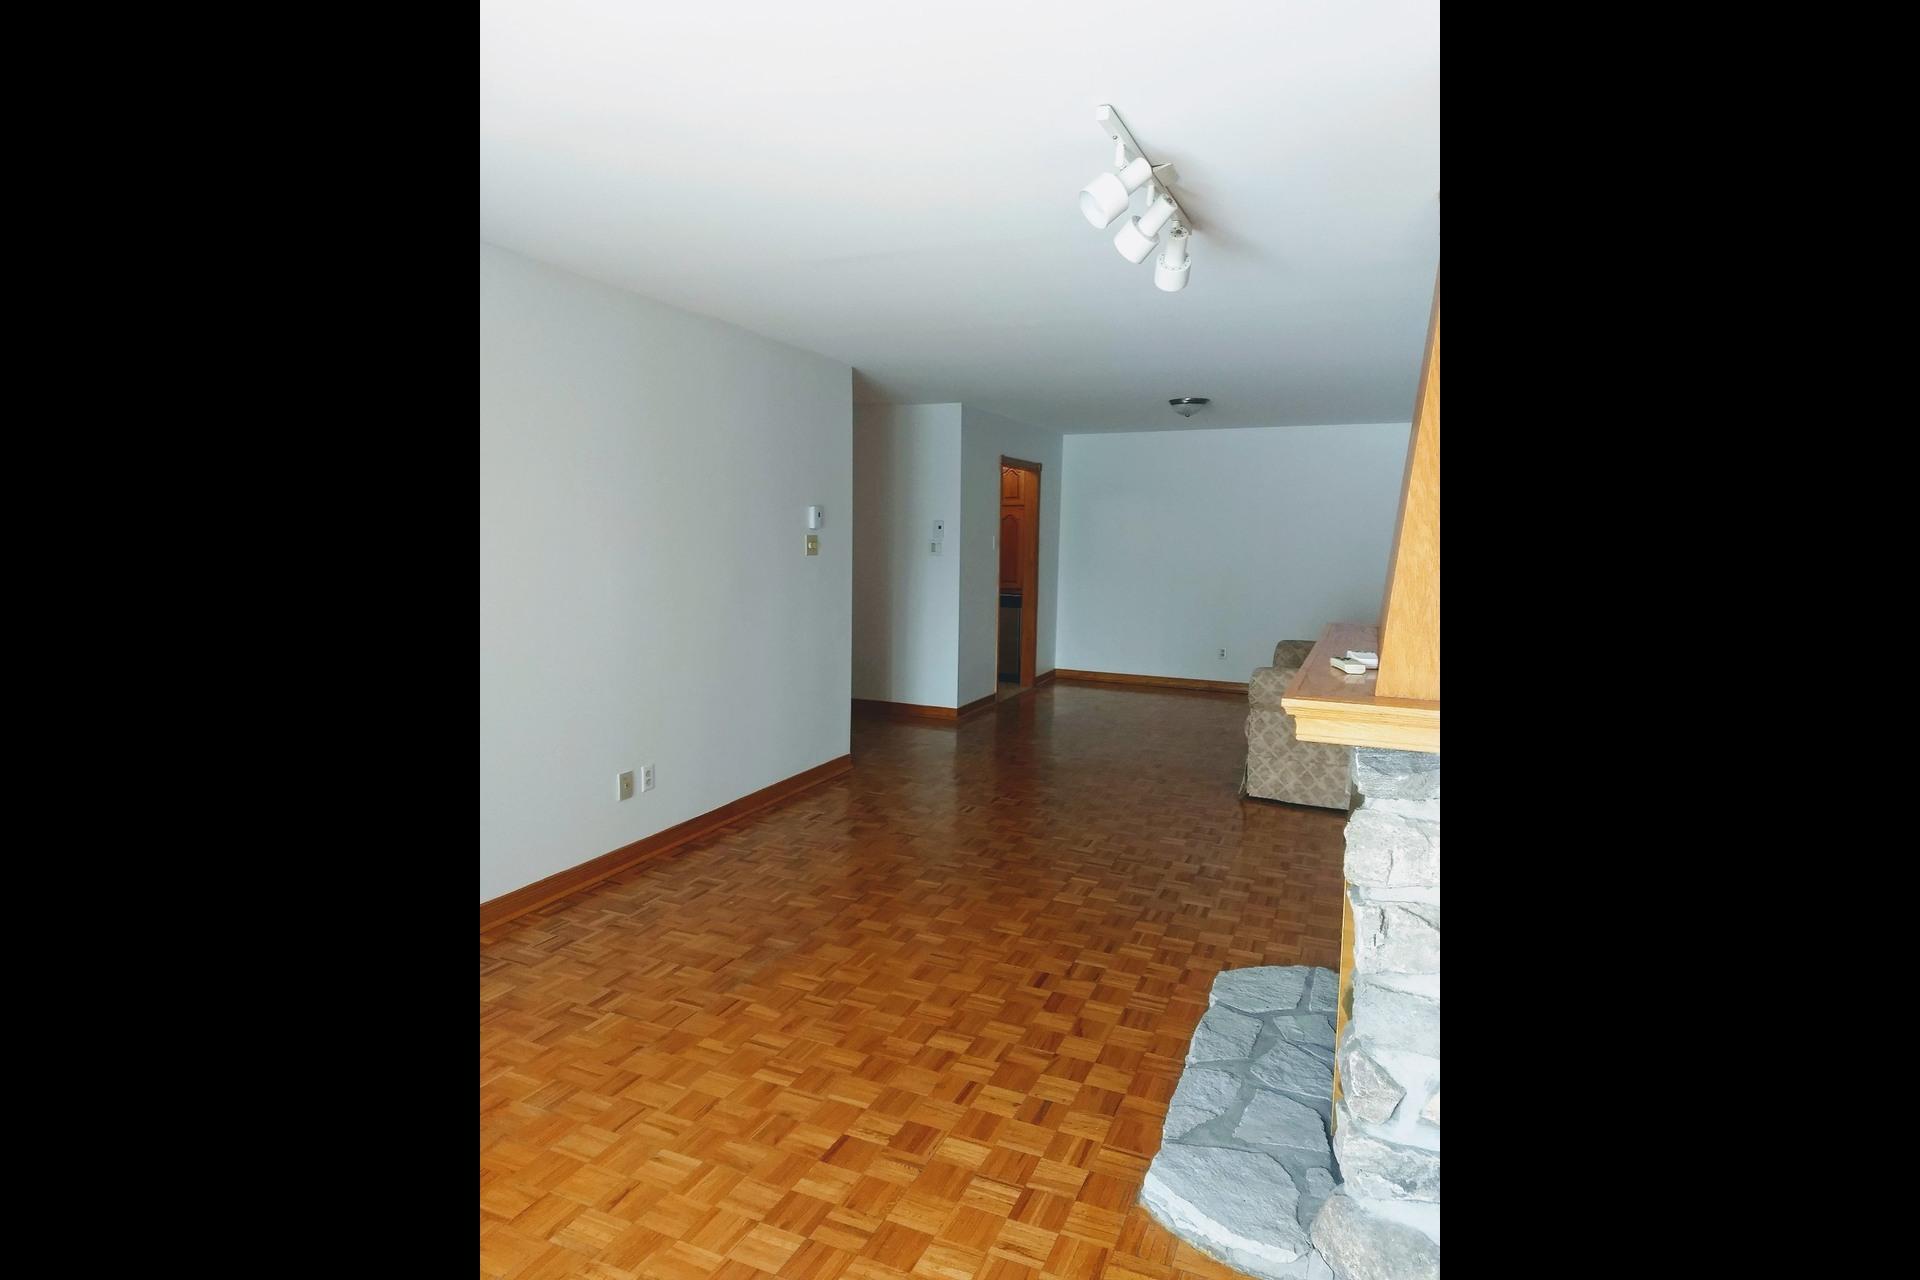 image 6 - Appartement À vendre Le Vieux-Longueuil Longueuil  - 6 pièces